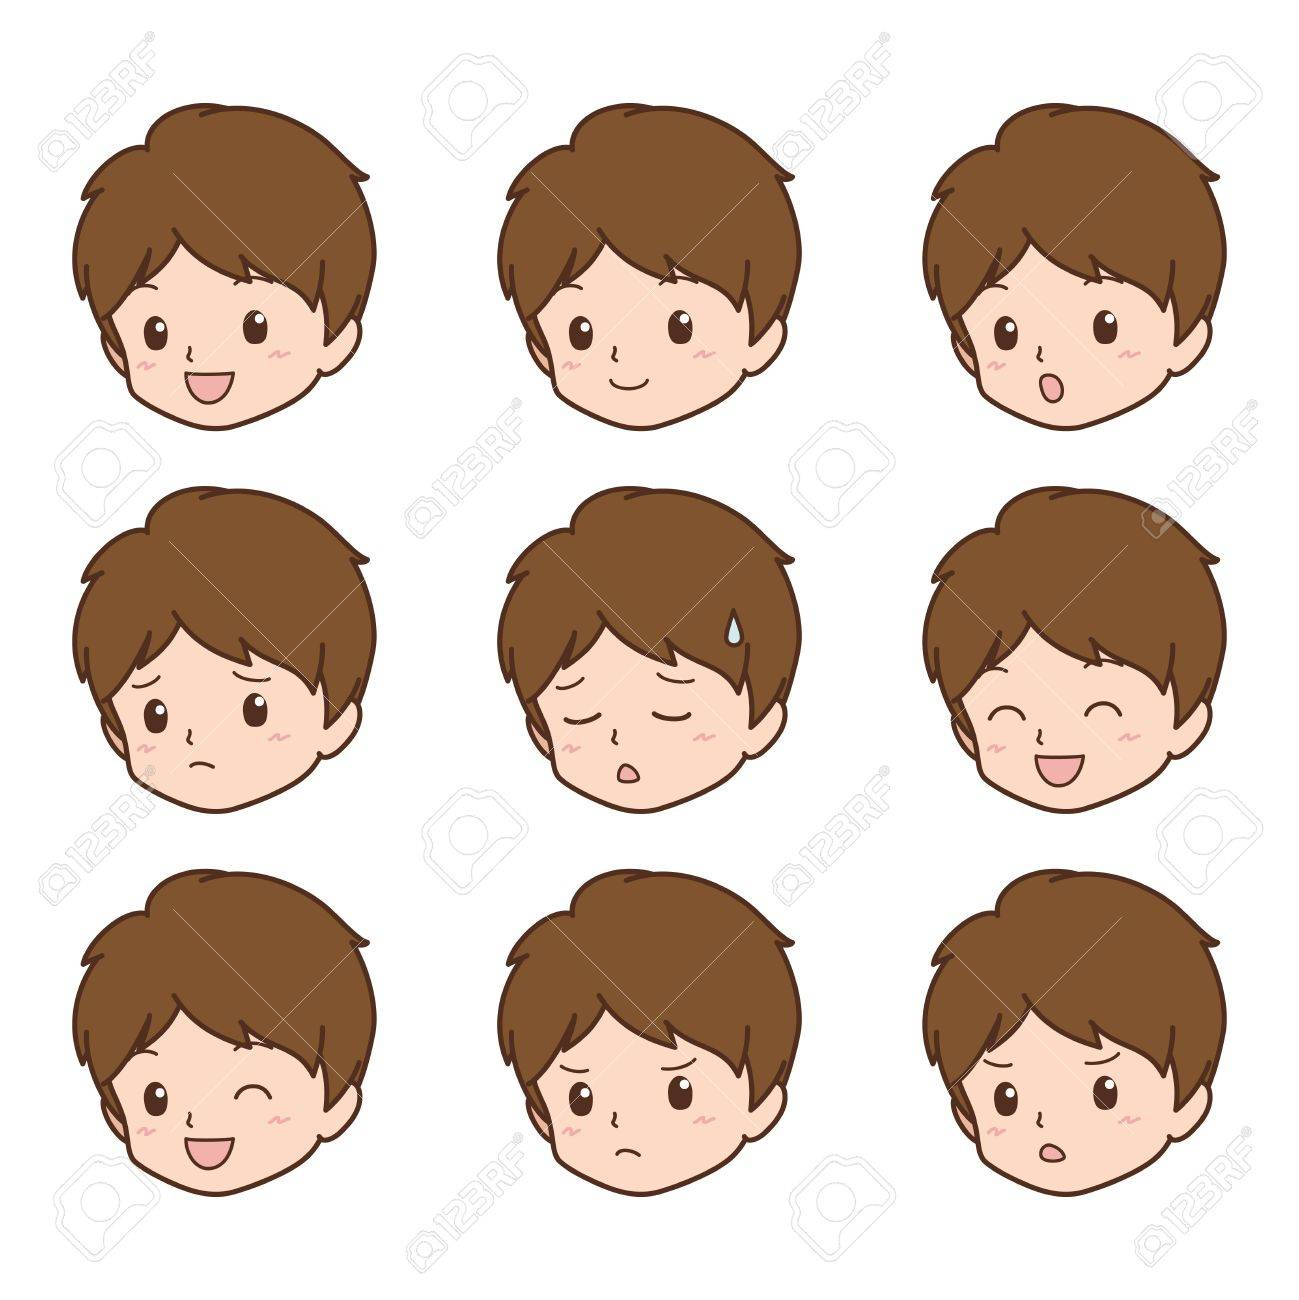 boy_face Stock Vector - 21675207